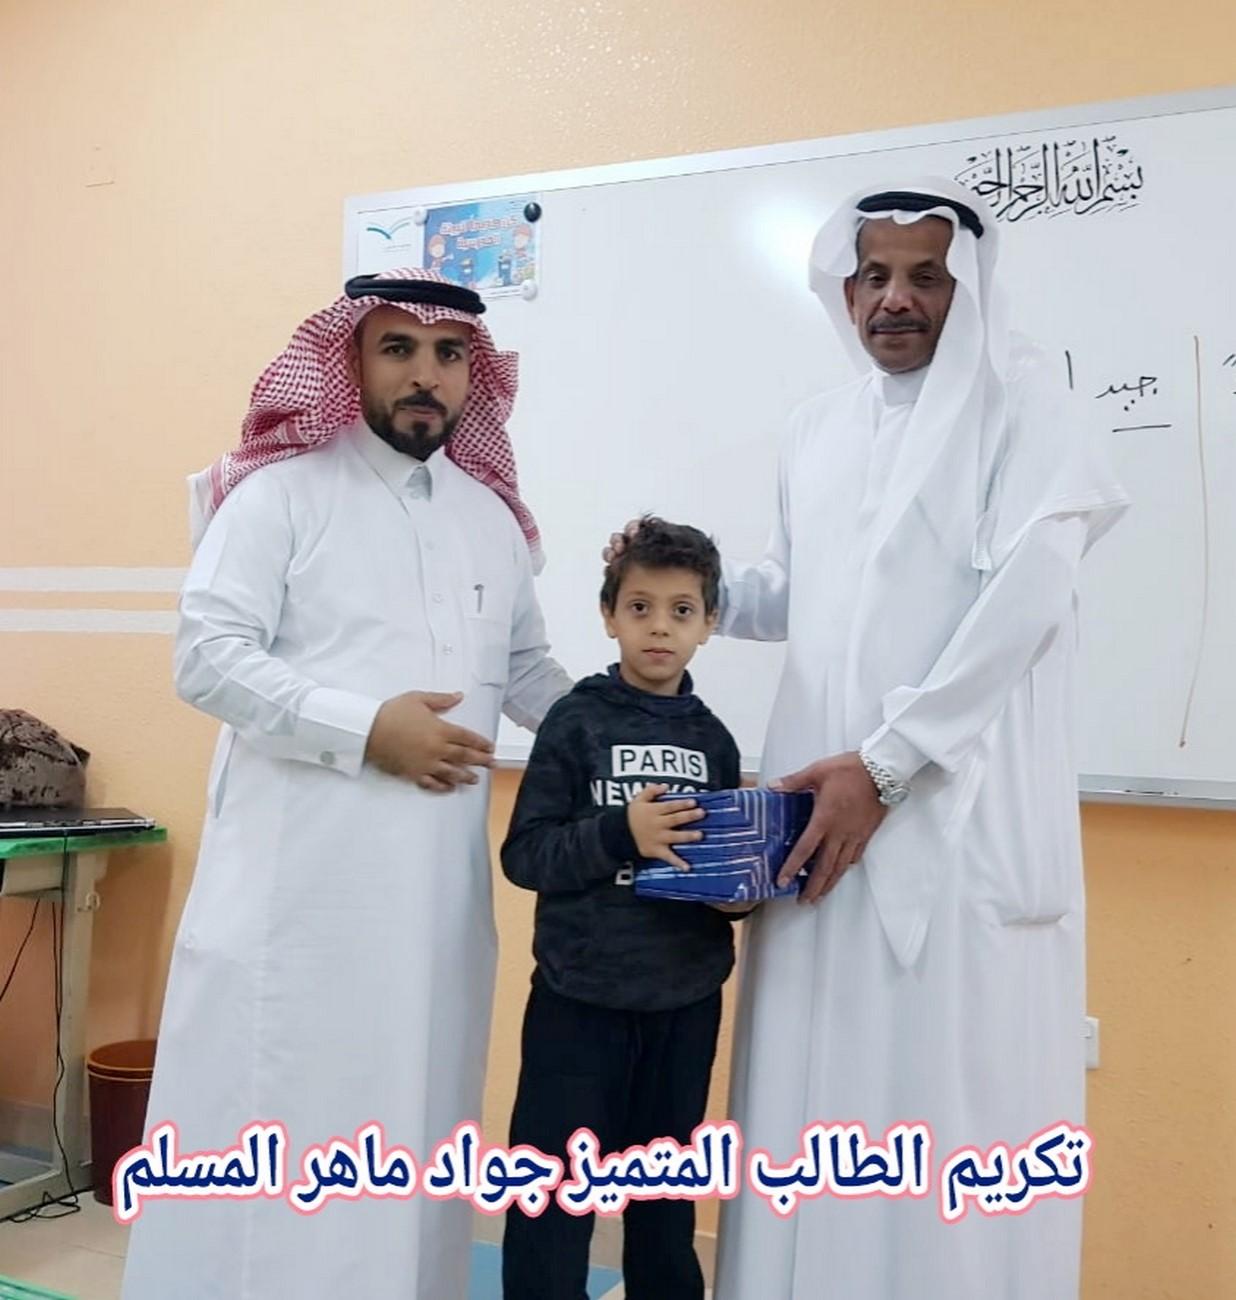 تكريم الطالب المتميز جواد ماهر المسلم